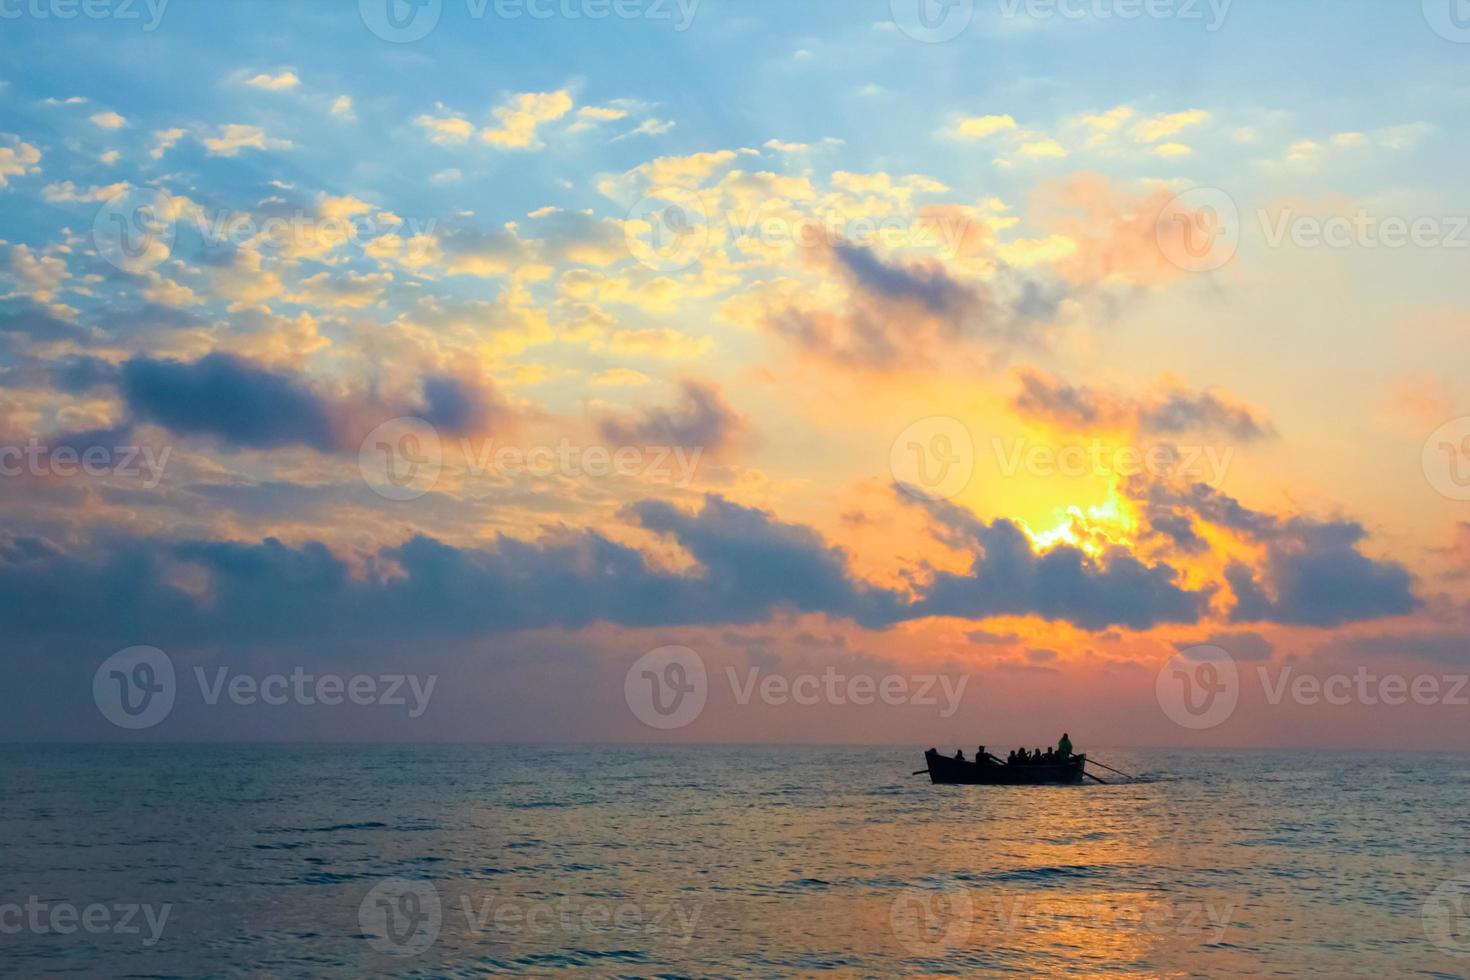 Les pêcheurs rentrent chez eux sur un bateau au lever du soleil photo